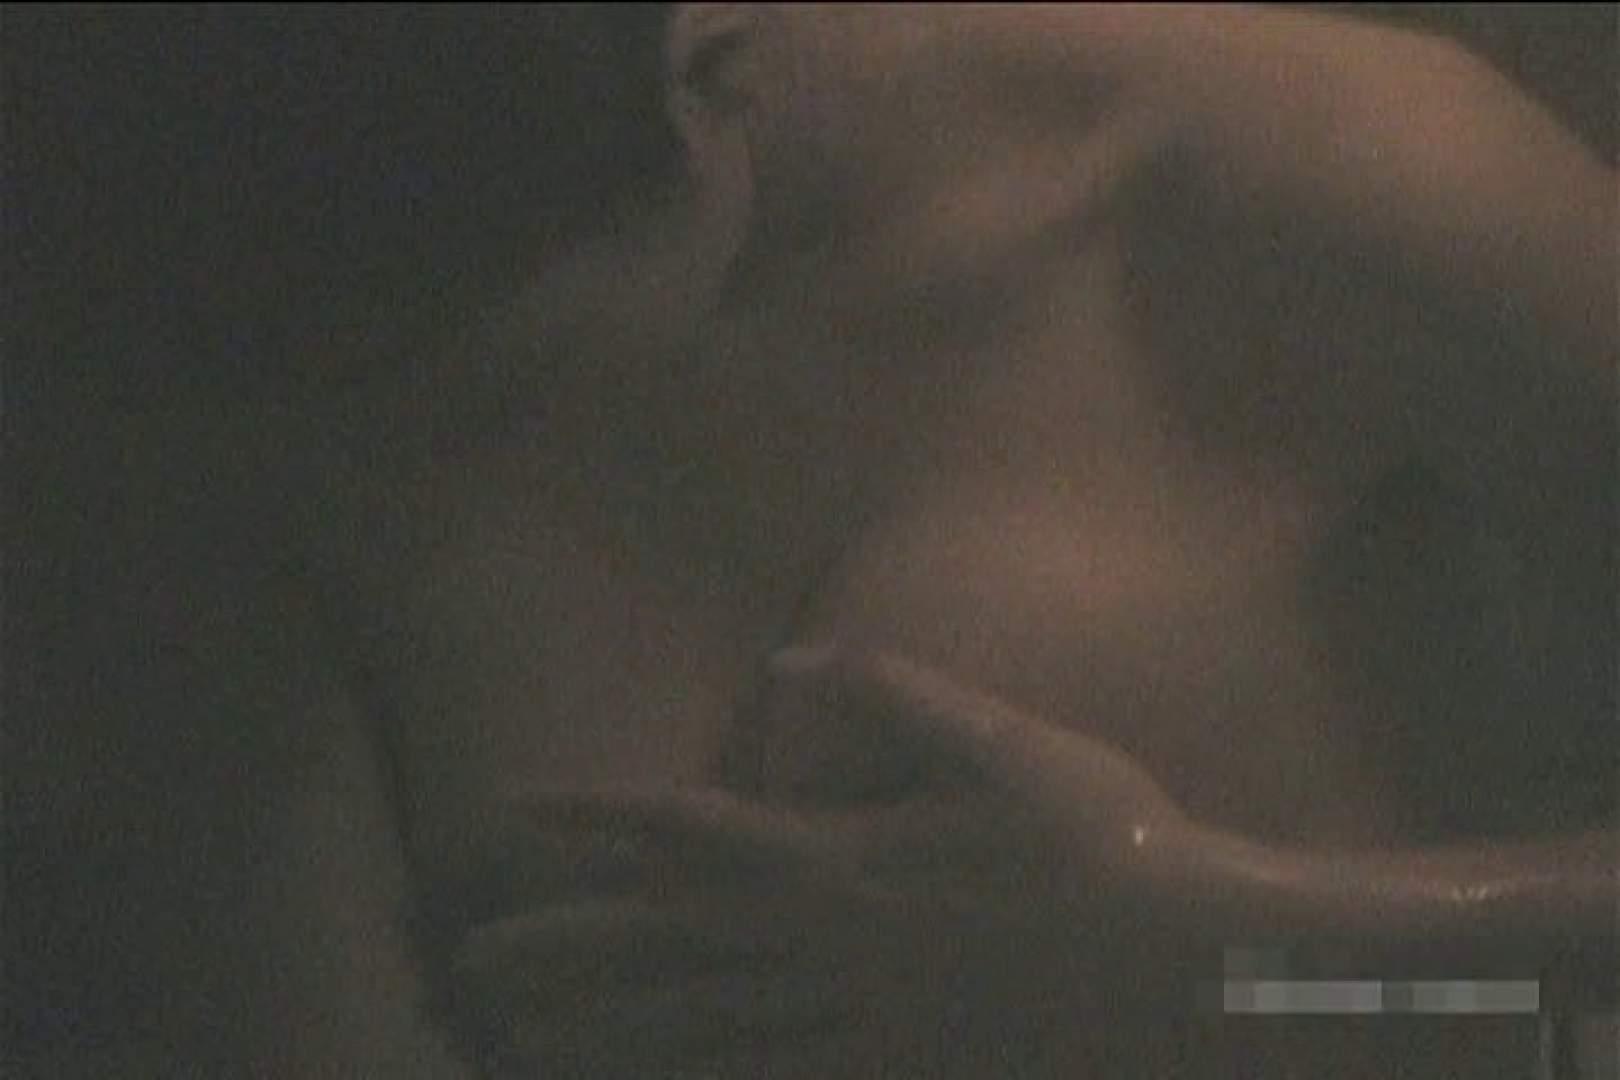 全裸で発情!!家族風呂の実態Vol.1 セックス流出映像 オメコ動画キャプチャ 108連発 83